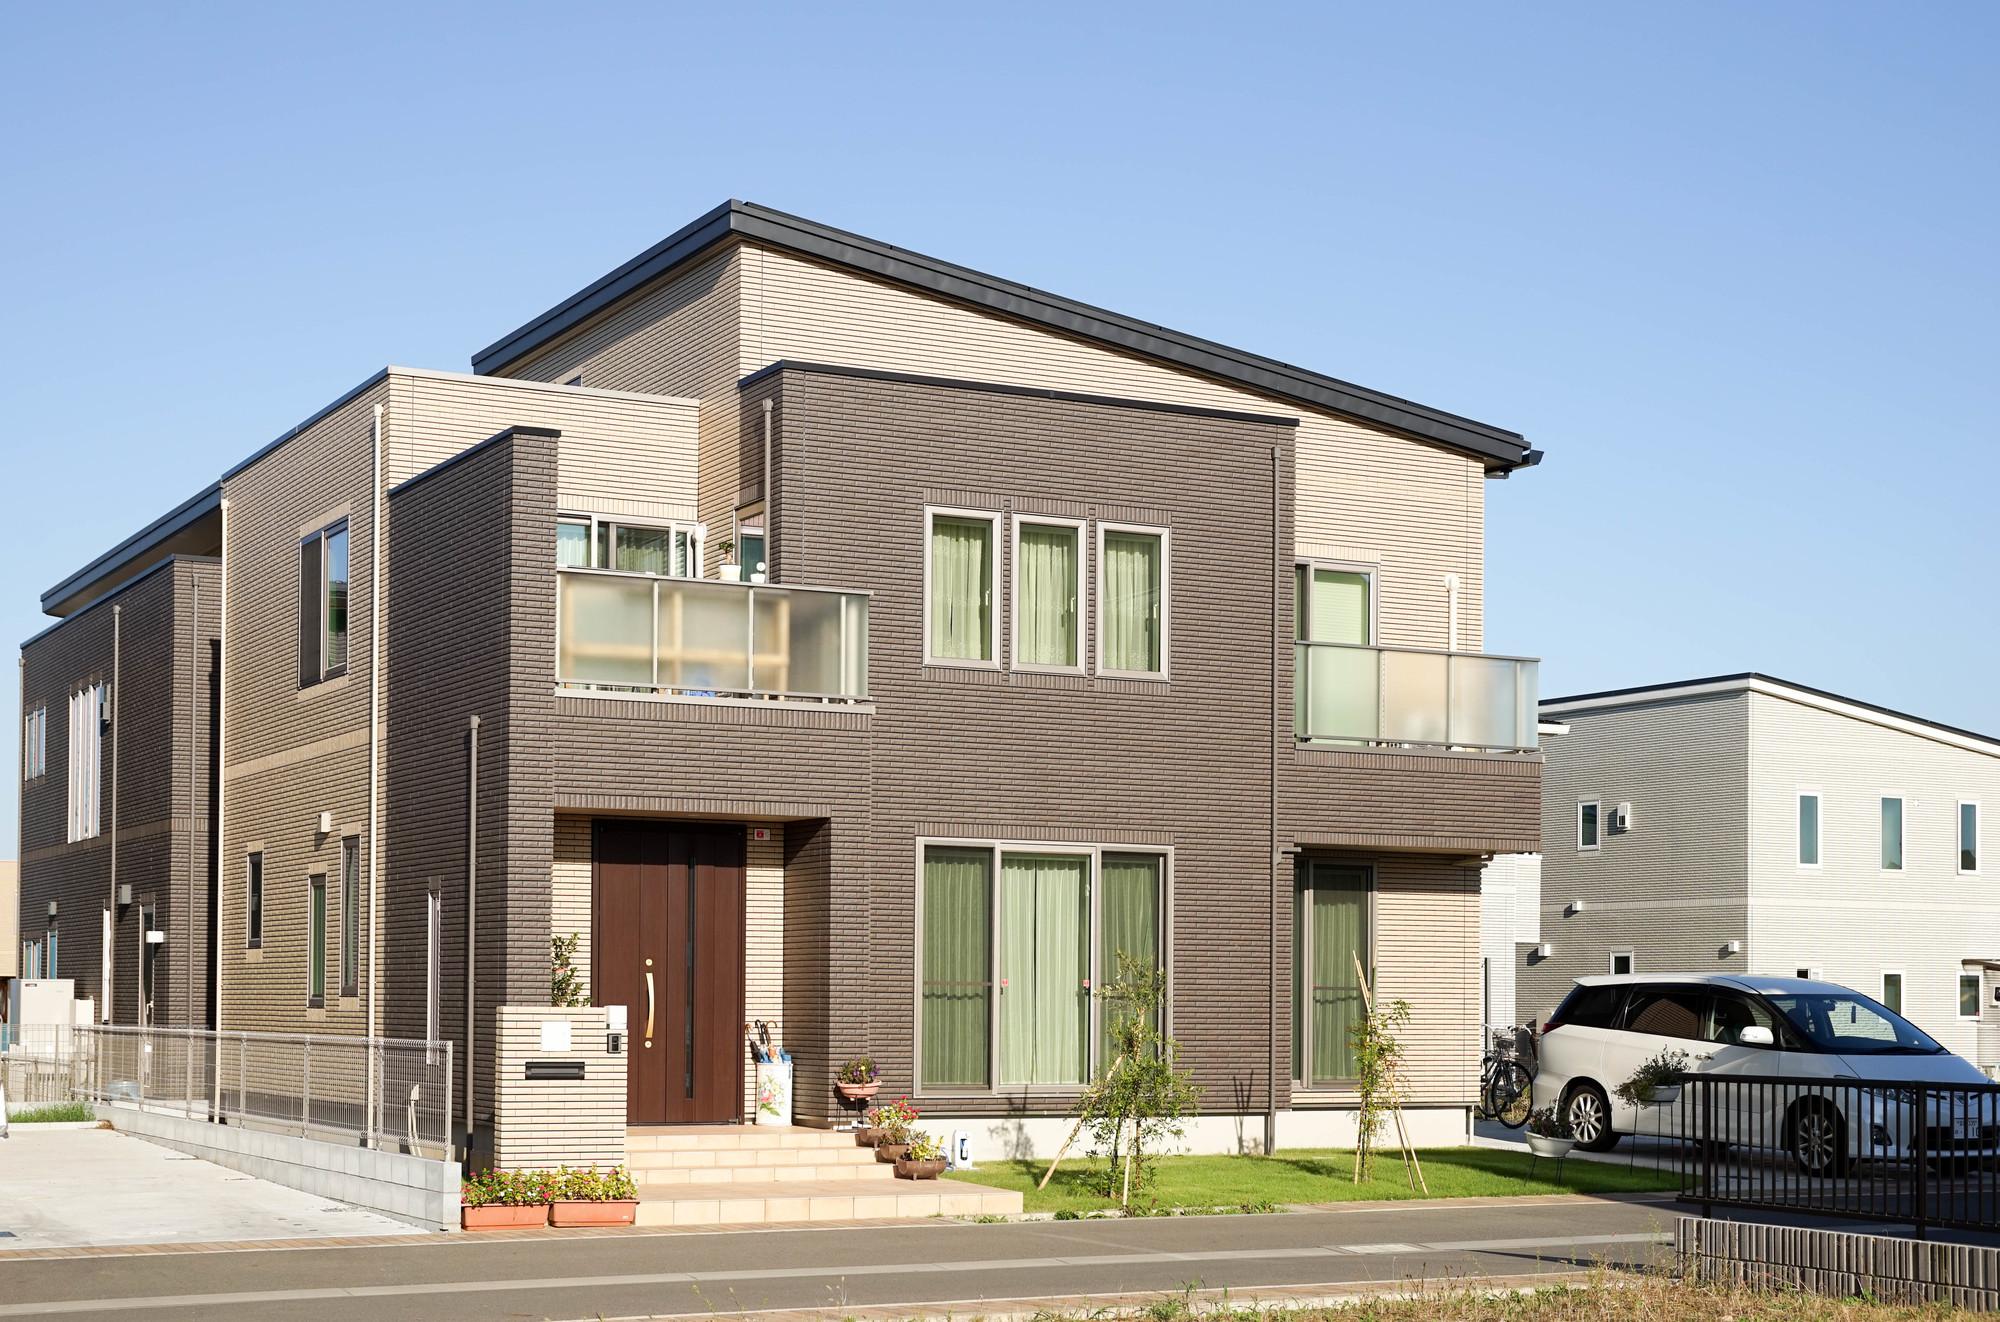 ハウス 欠陥 ランキング 住宅 メーカー